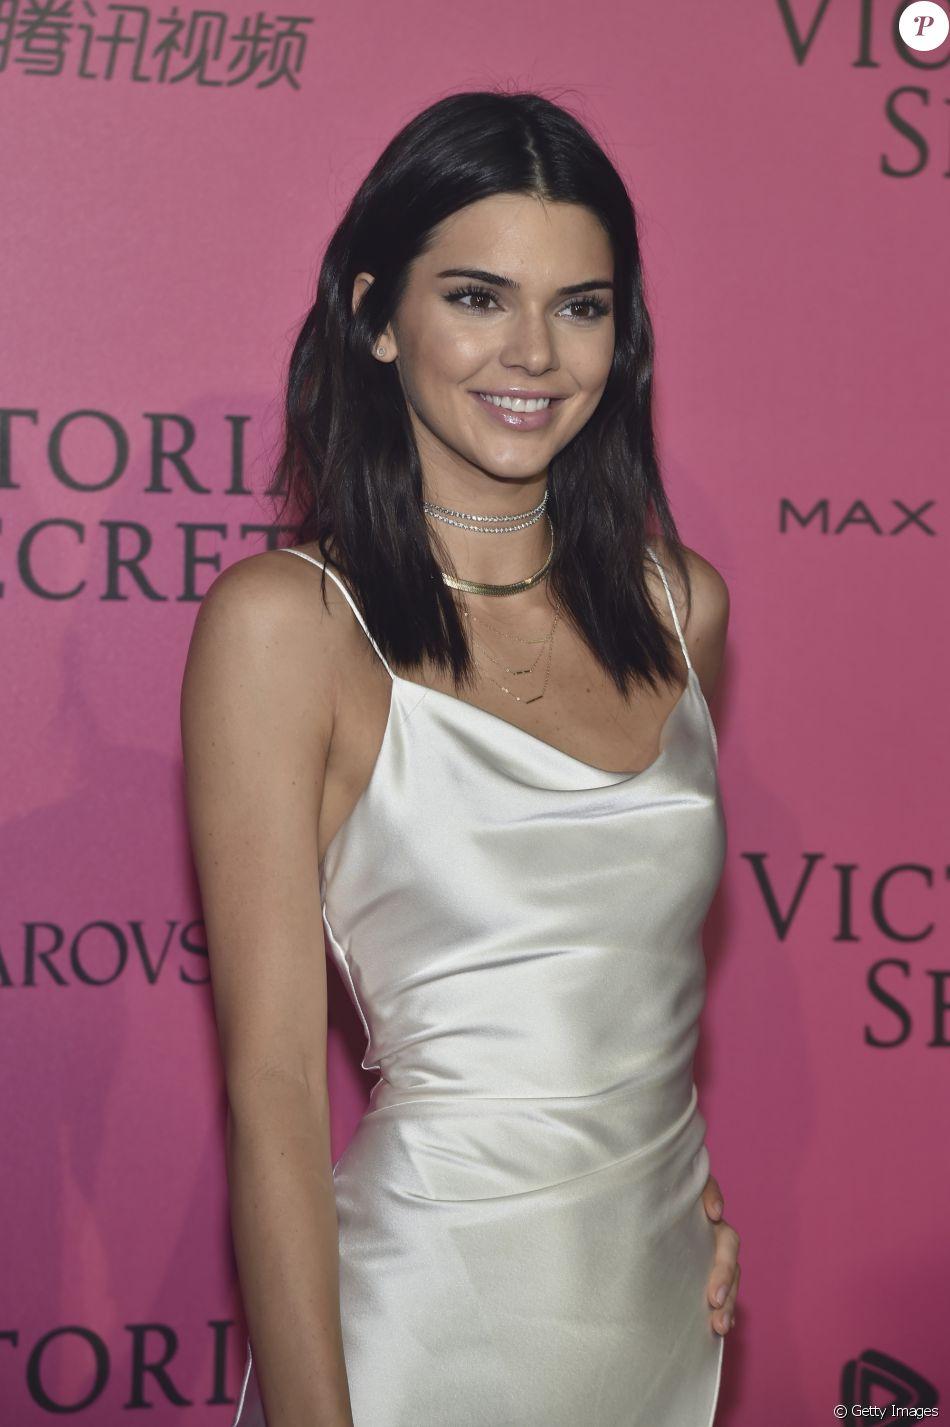 Kendall Jenner e mais modelos vão à festa da Victoria's Secret, em Paris, nesta quarta-feira, 30 de novembro de 2016